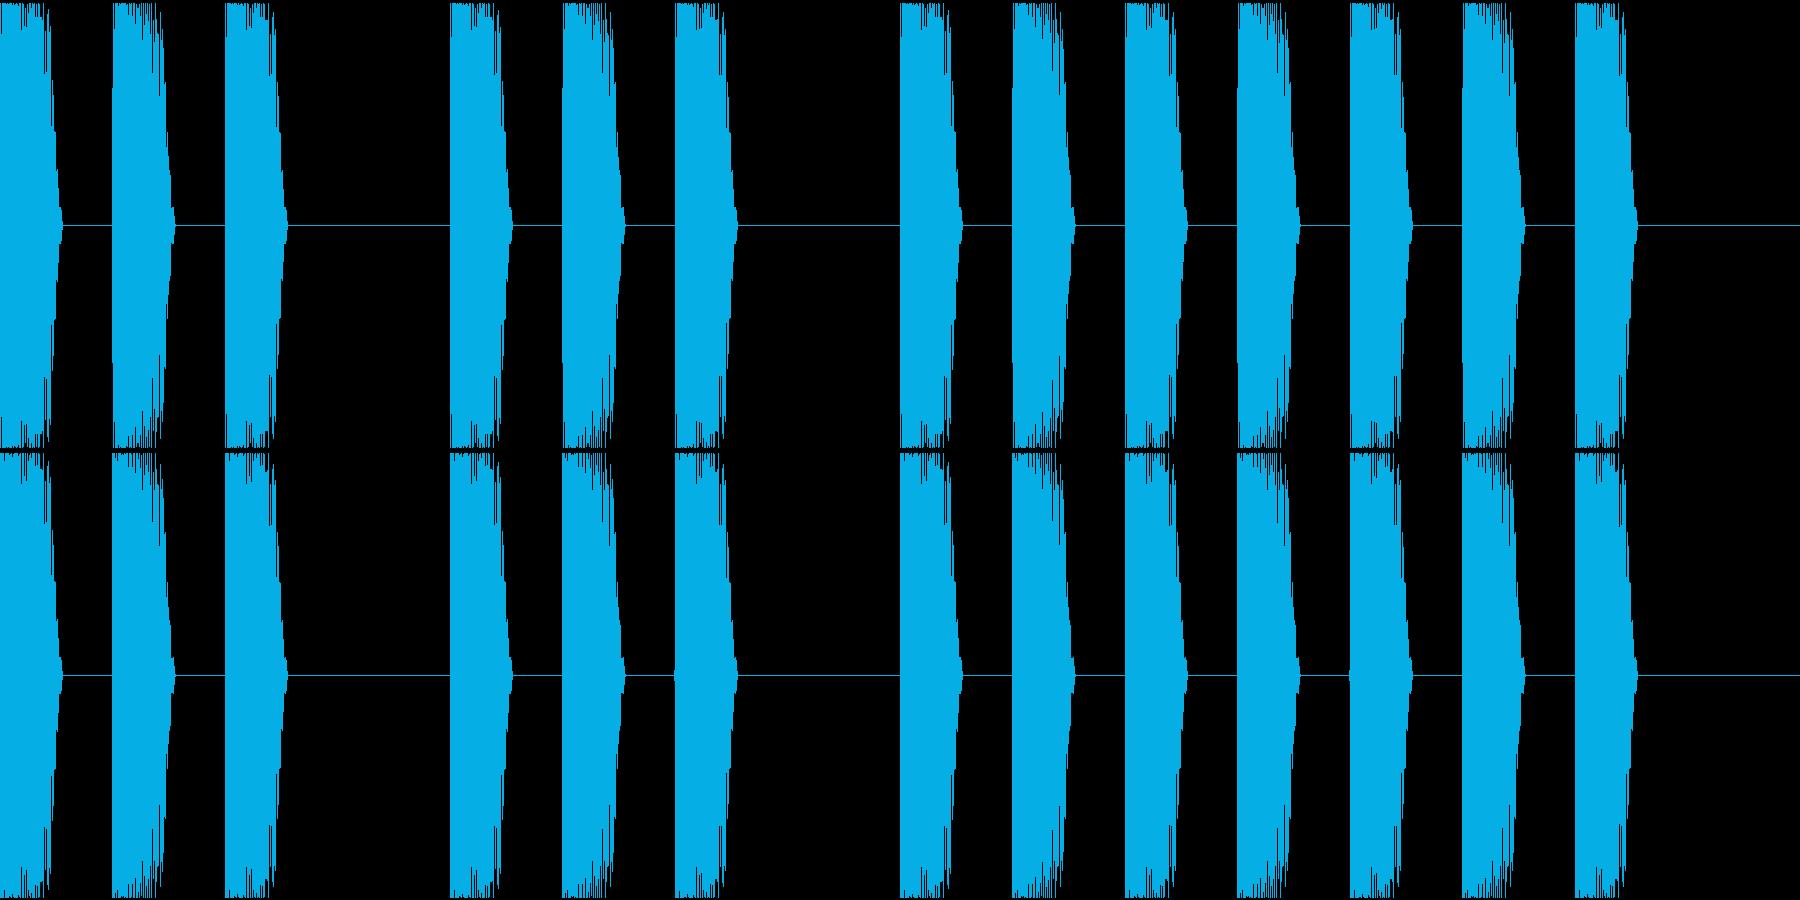 三三七拍子 その6 ドンドンドンの再生済みの波形